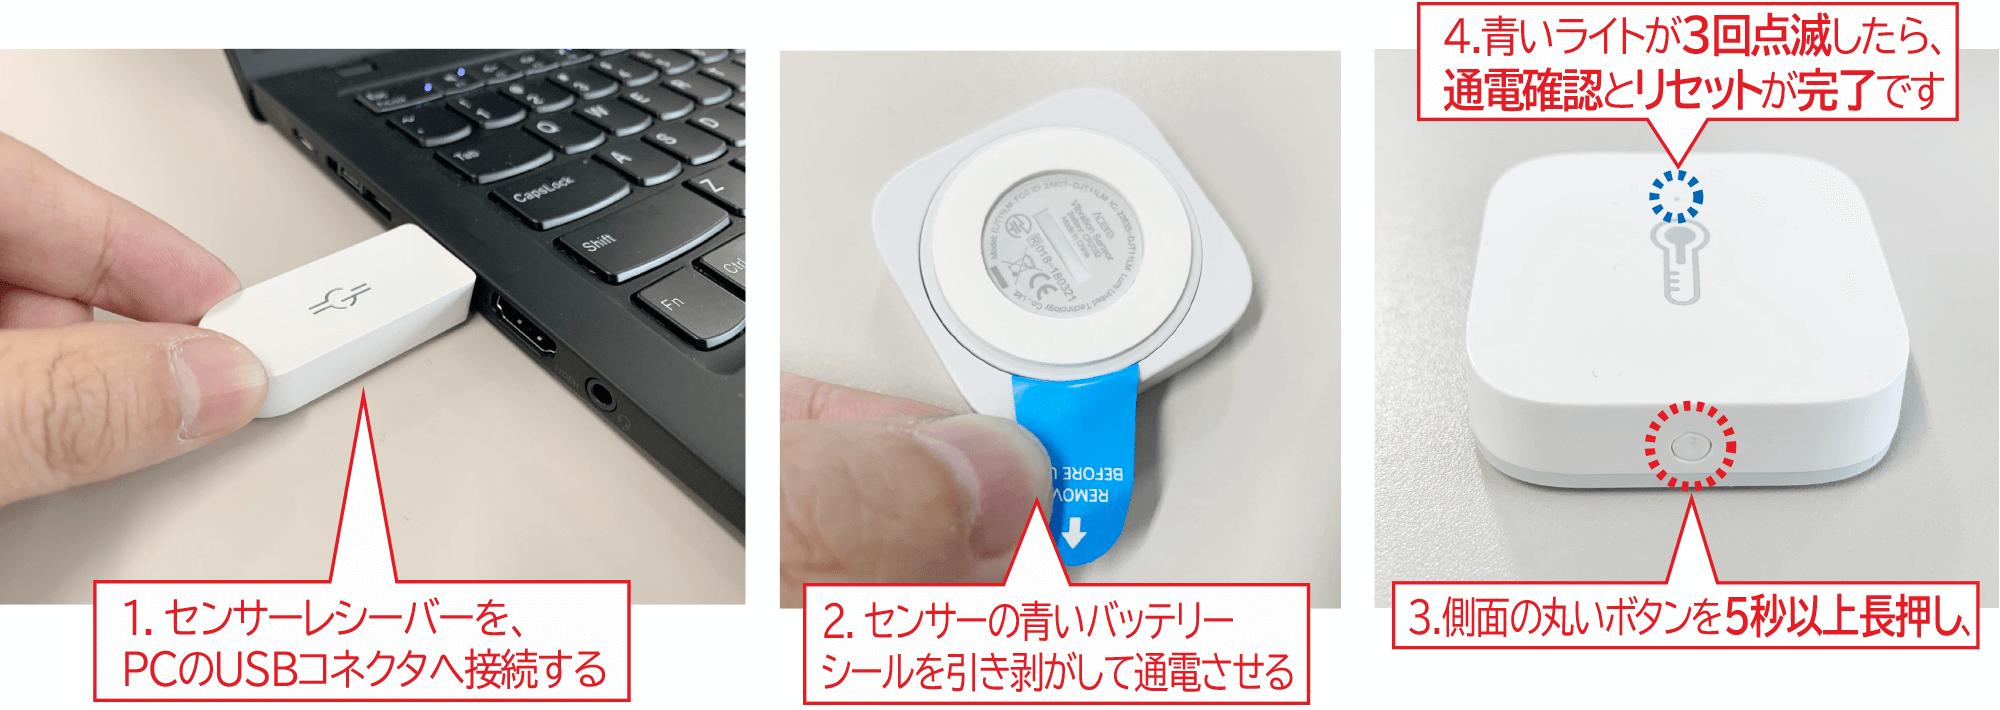 センサーレシーバーとセンサーを接続